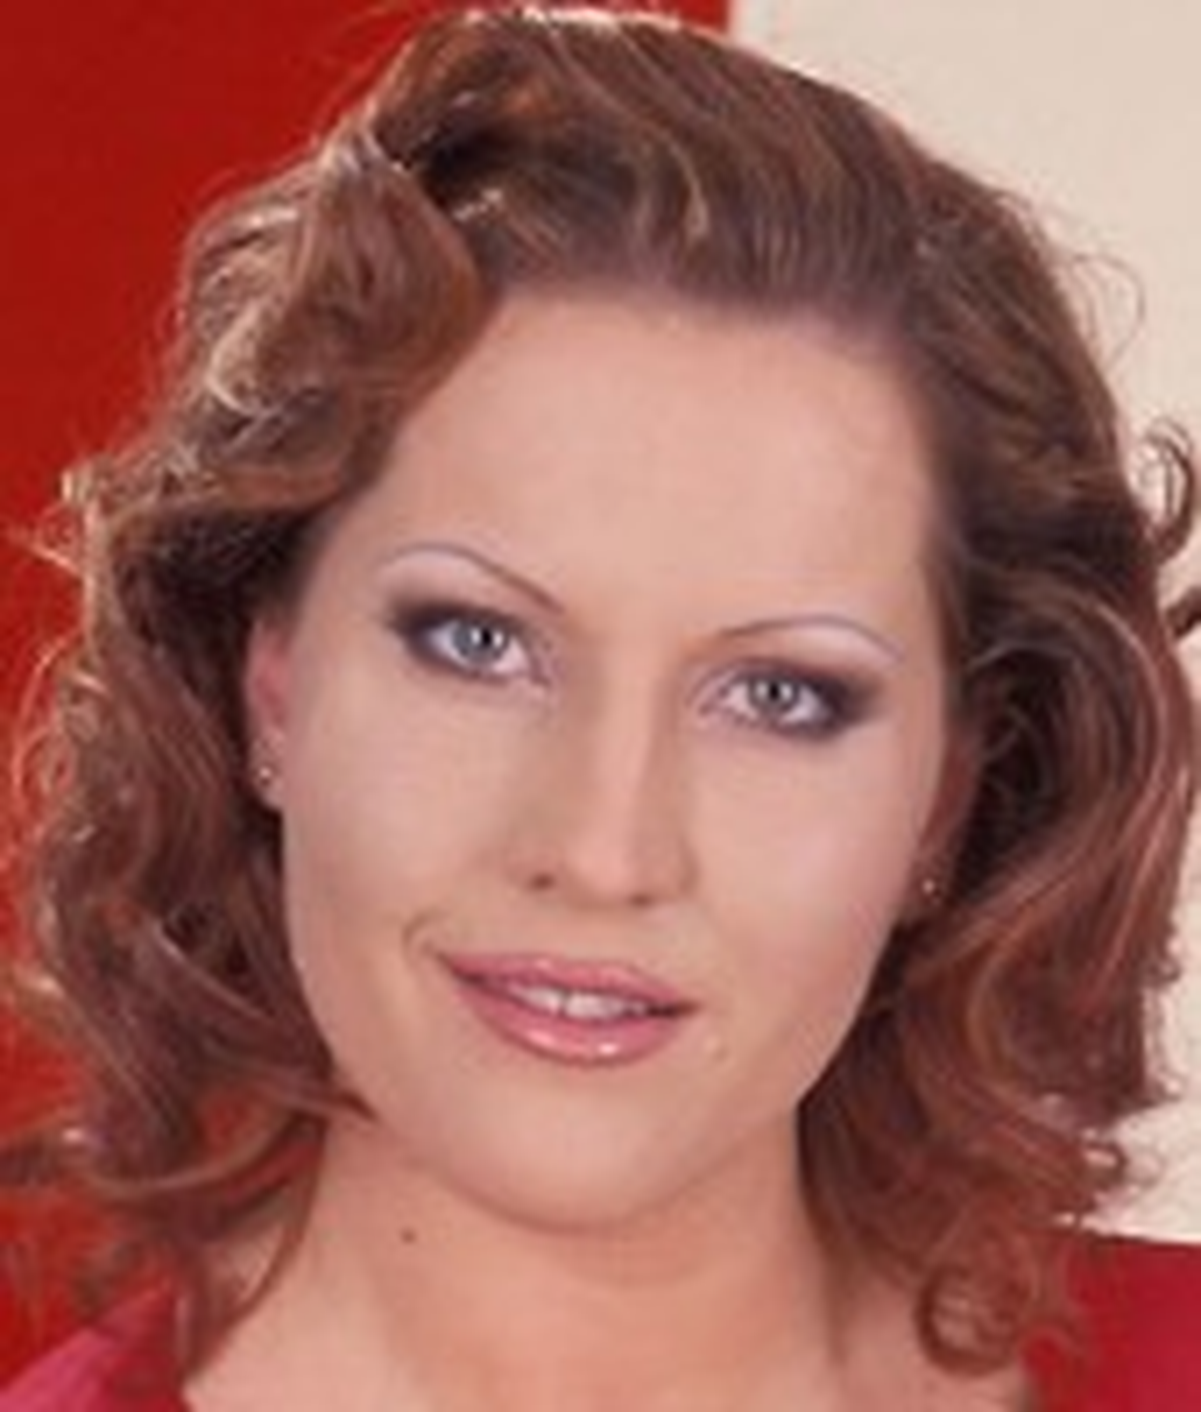 Laura Orsoia